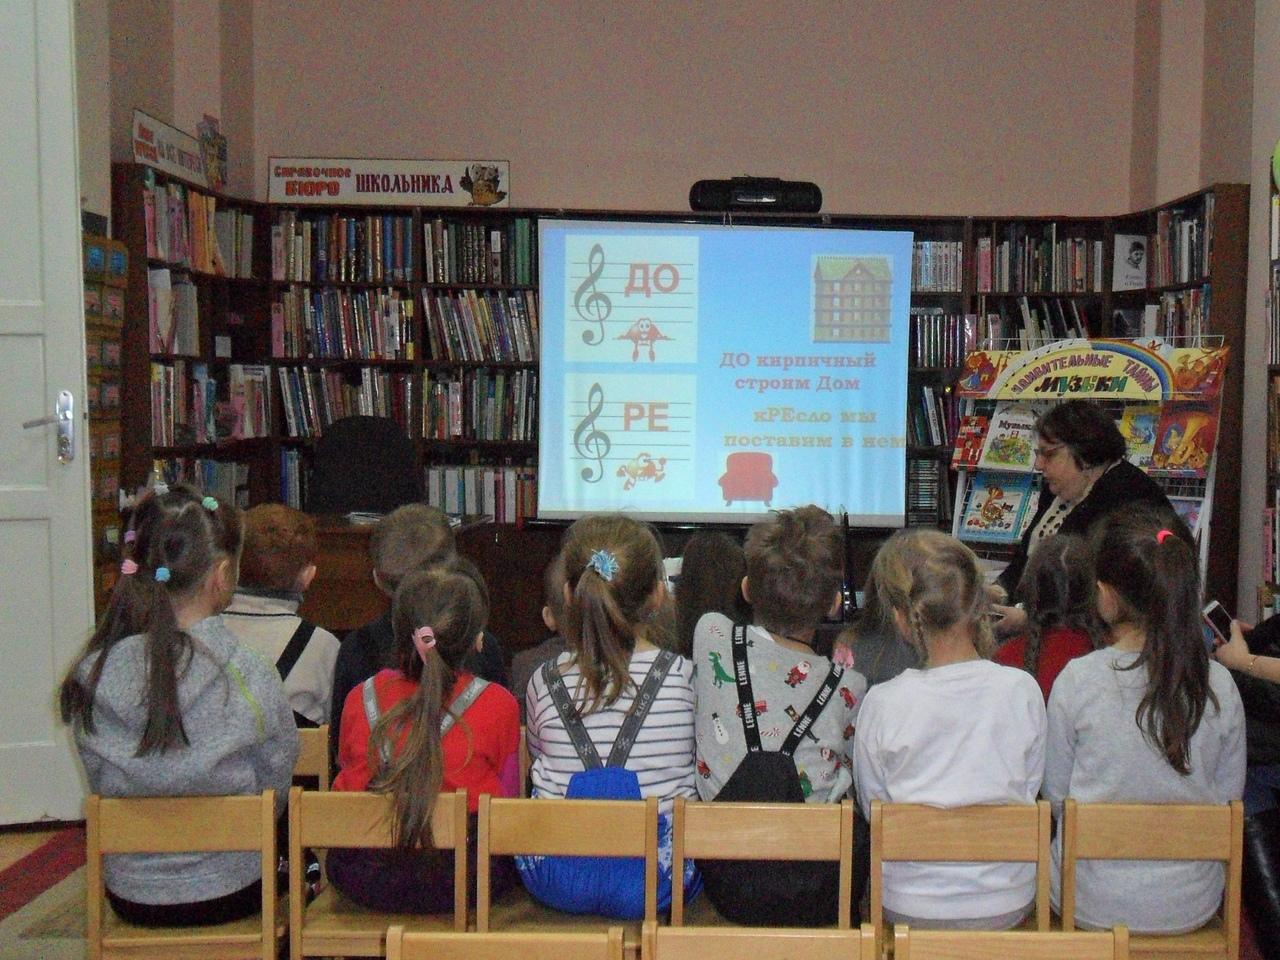 донецкая республиканская библиотека для детей, отдел искусств, с библиотекой интересно, детям о музыке, знакомство с музыкой